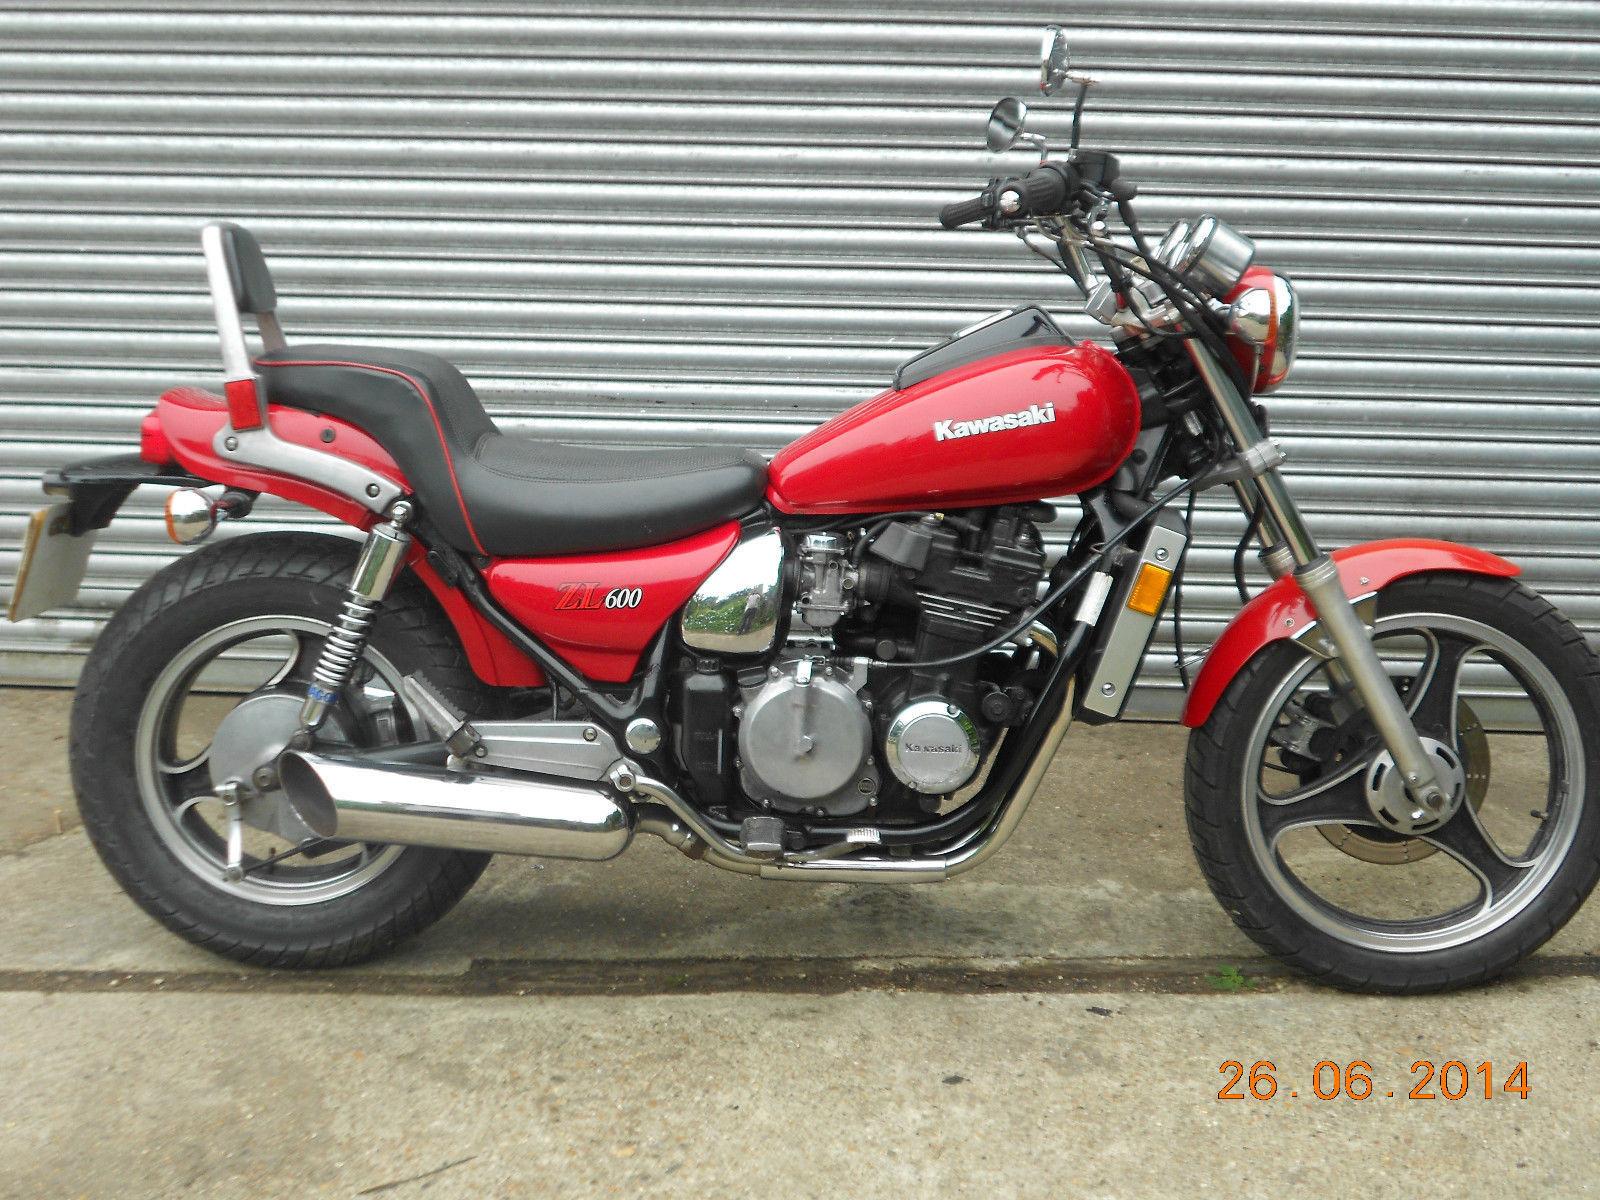 1986 Kawasaki zl kardan